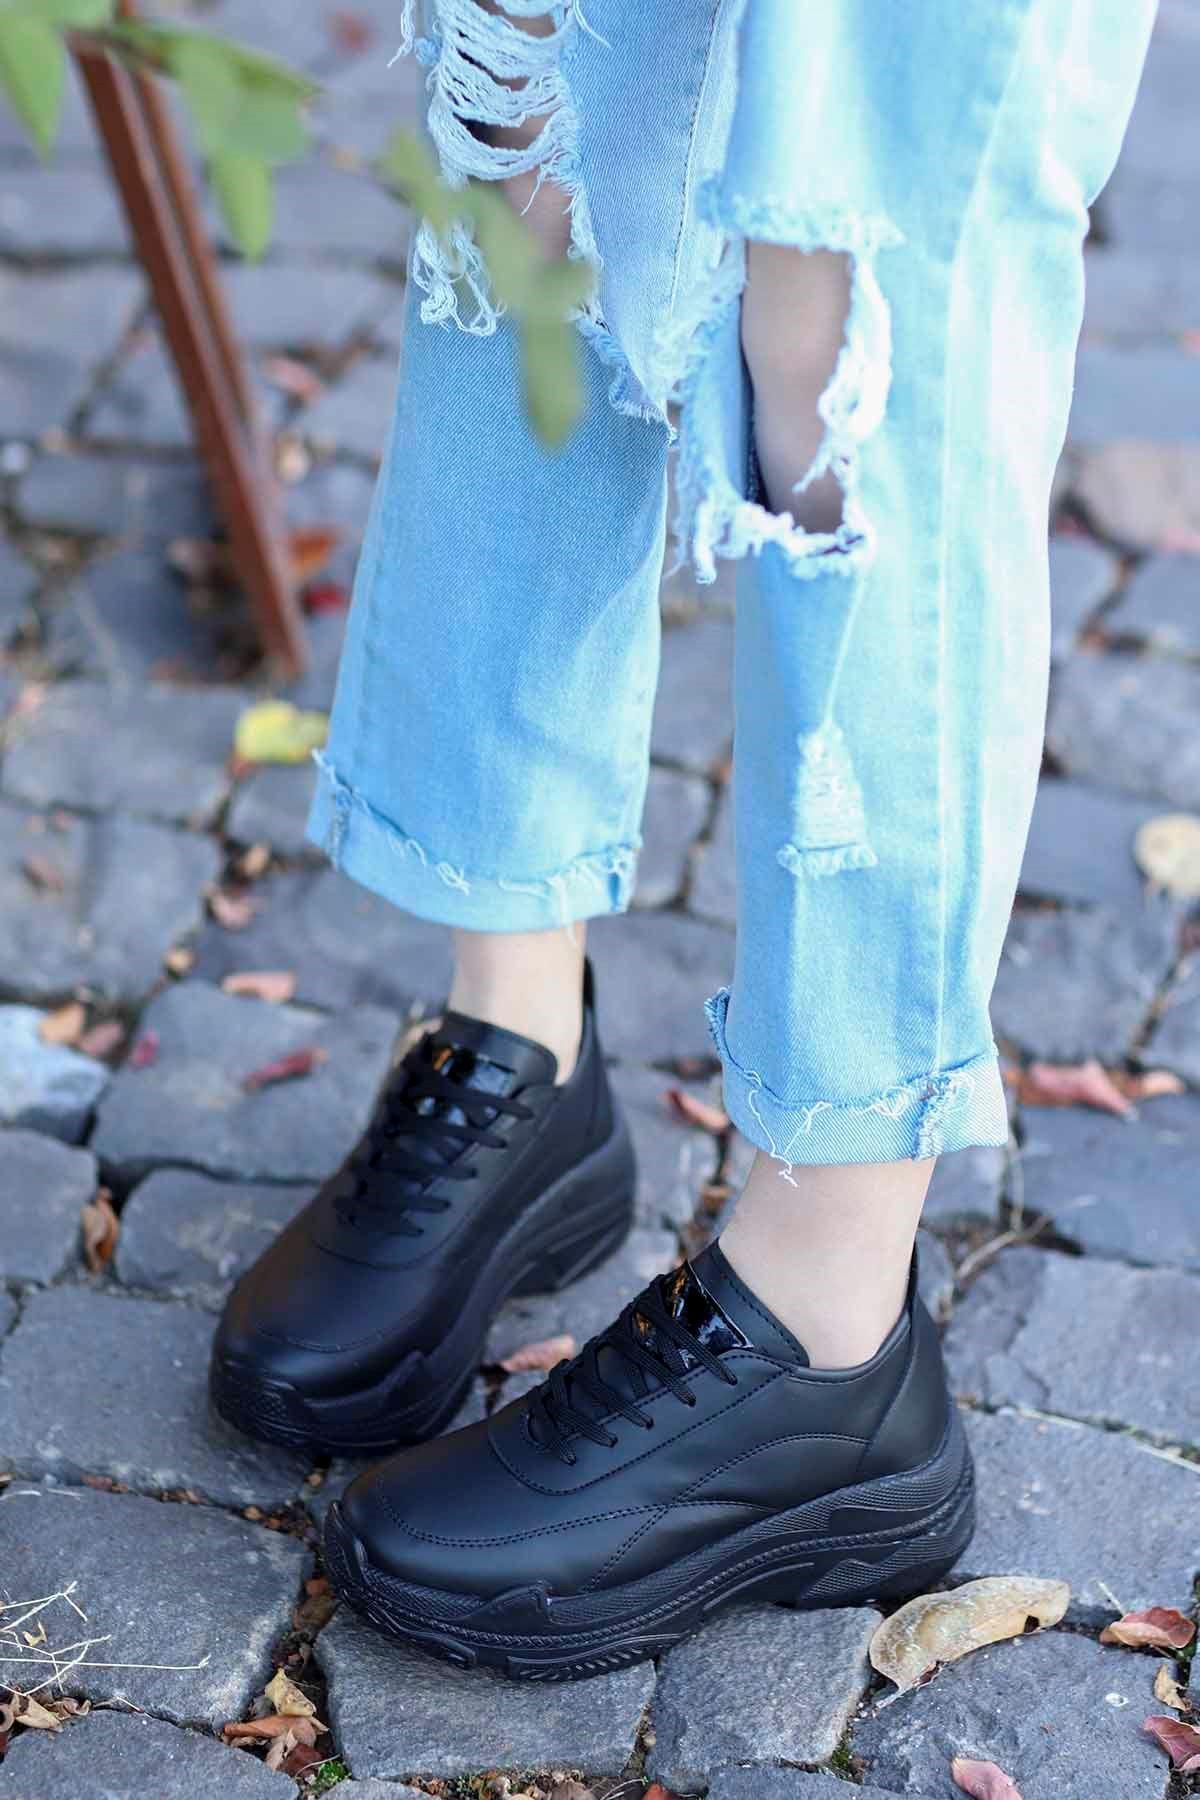 Snz-701 Tabanlı Spor Ayakkabı Siyah Deri